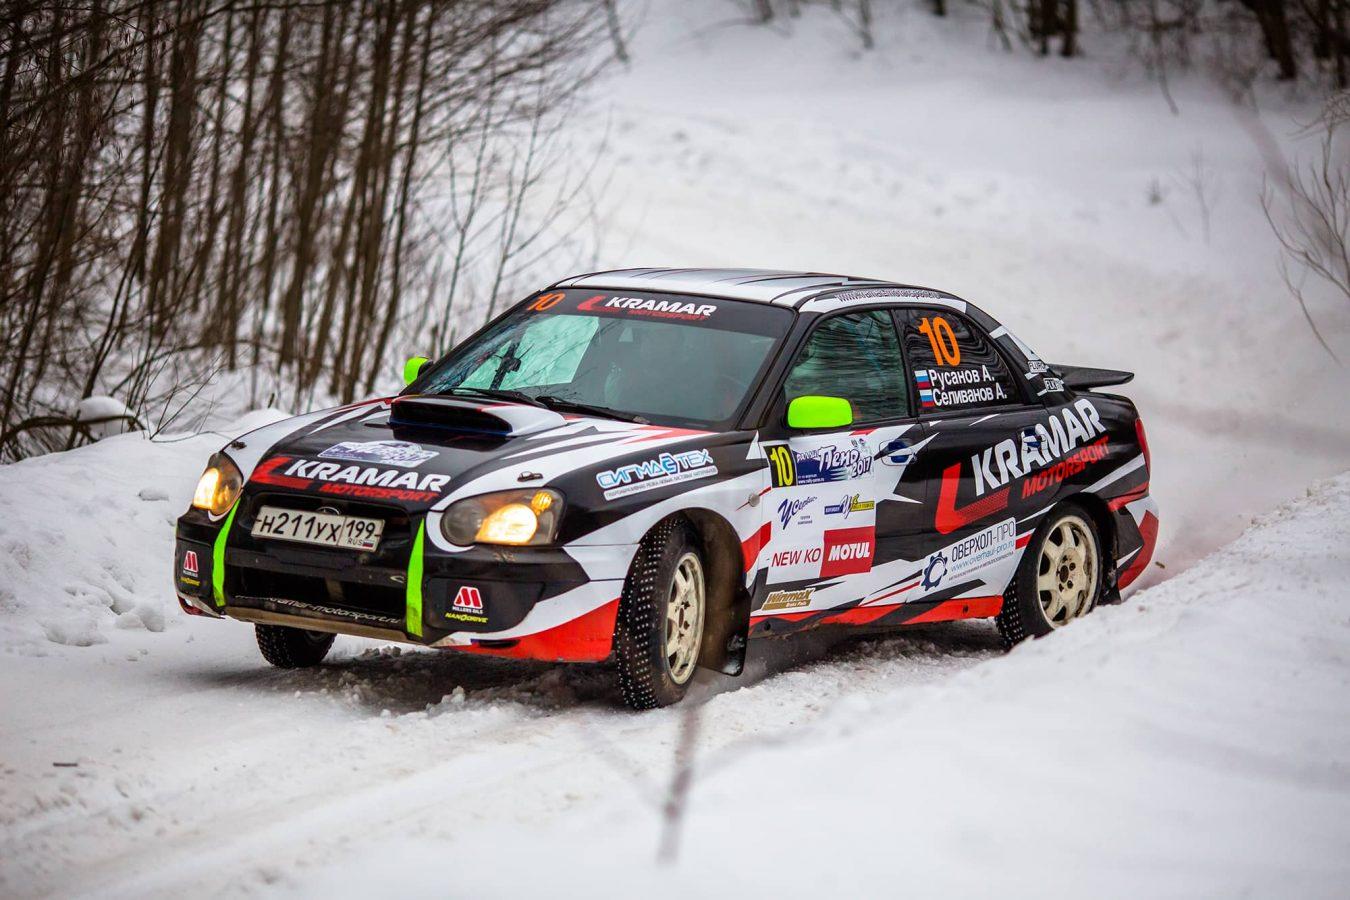 Kramar-Motorsport-Rusanov-Rally-Peno-1-1